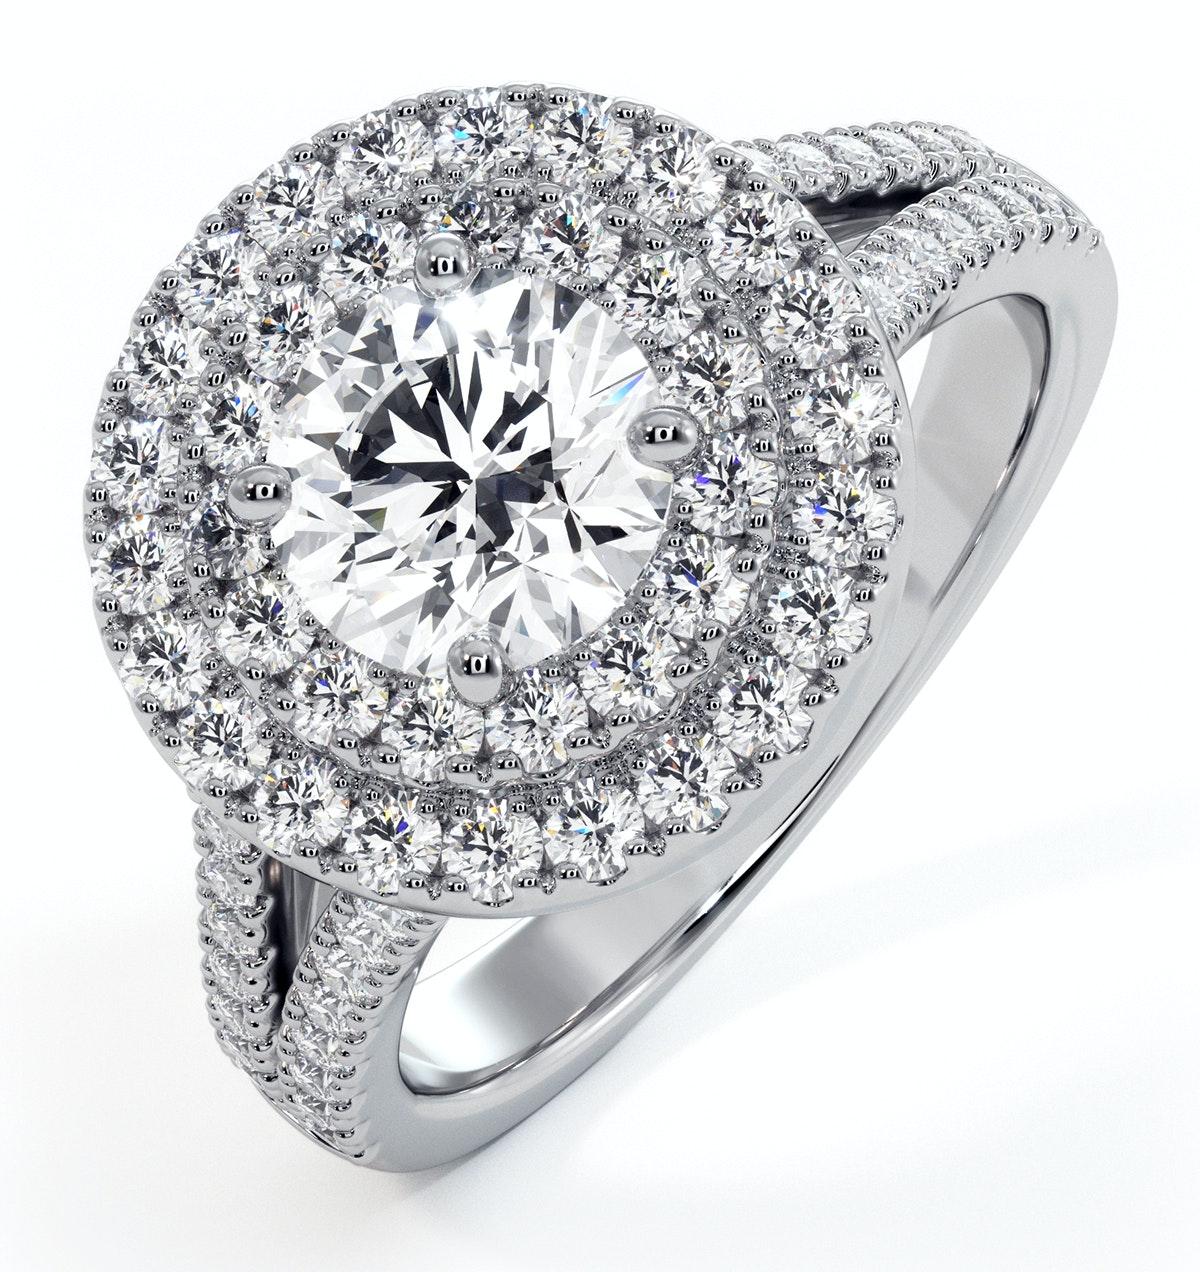 Camilla GIA Diamond Halo Engagement Ring 18K White Gold 1.85ct G/SI2